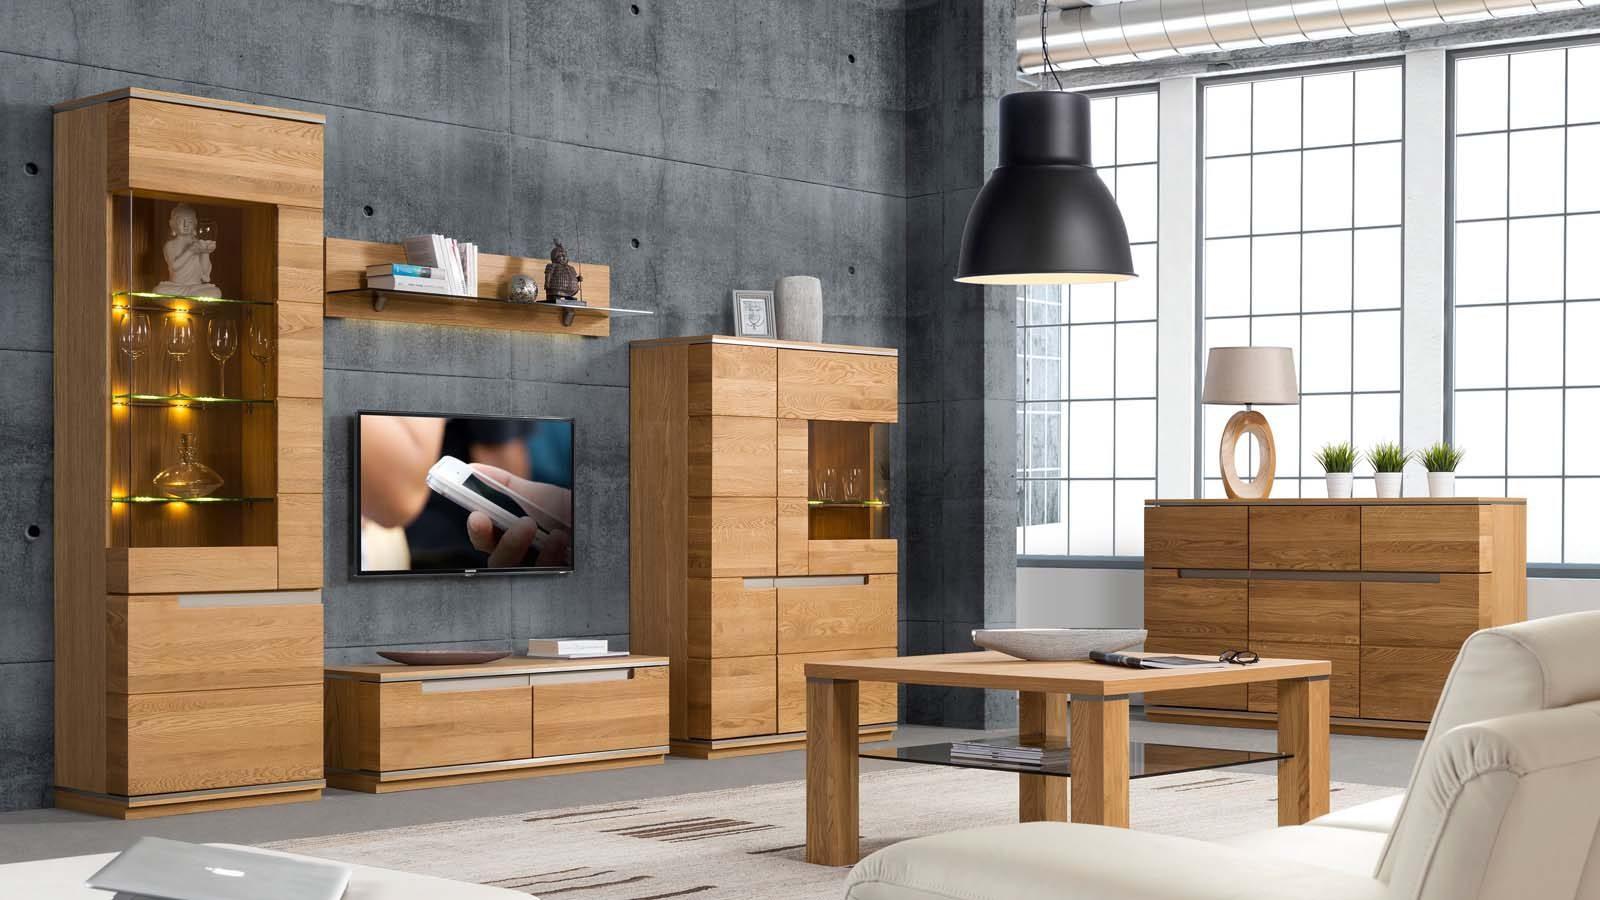 oak-forest коллекция гостиной мебели